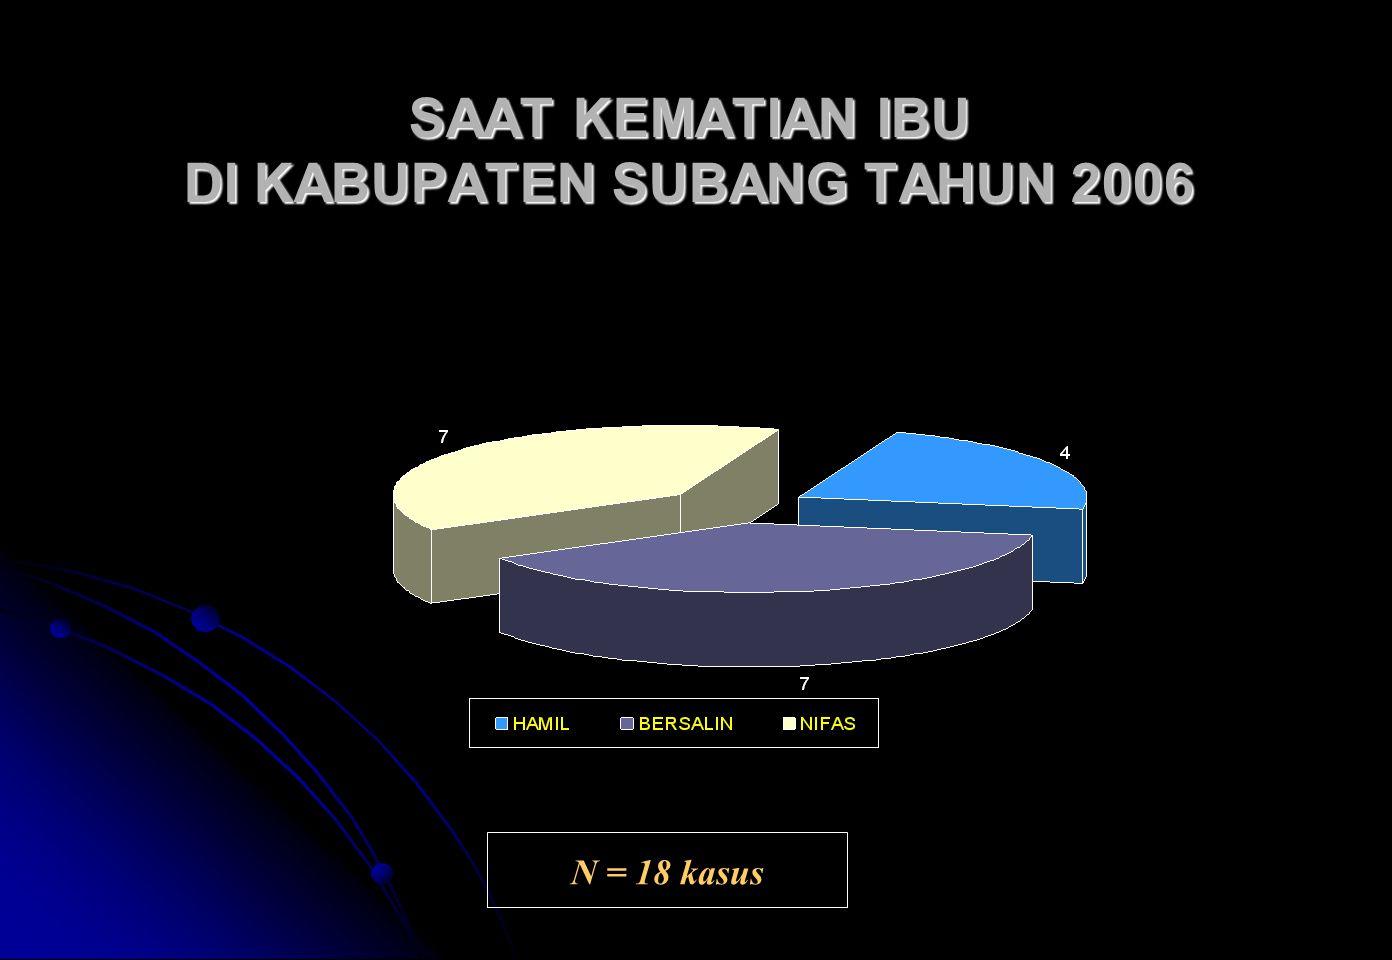 SAAT KEMATIAN IBU DI KABUPATEN SUBANG TAHUN 2006